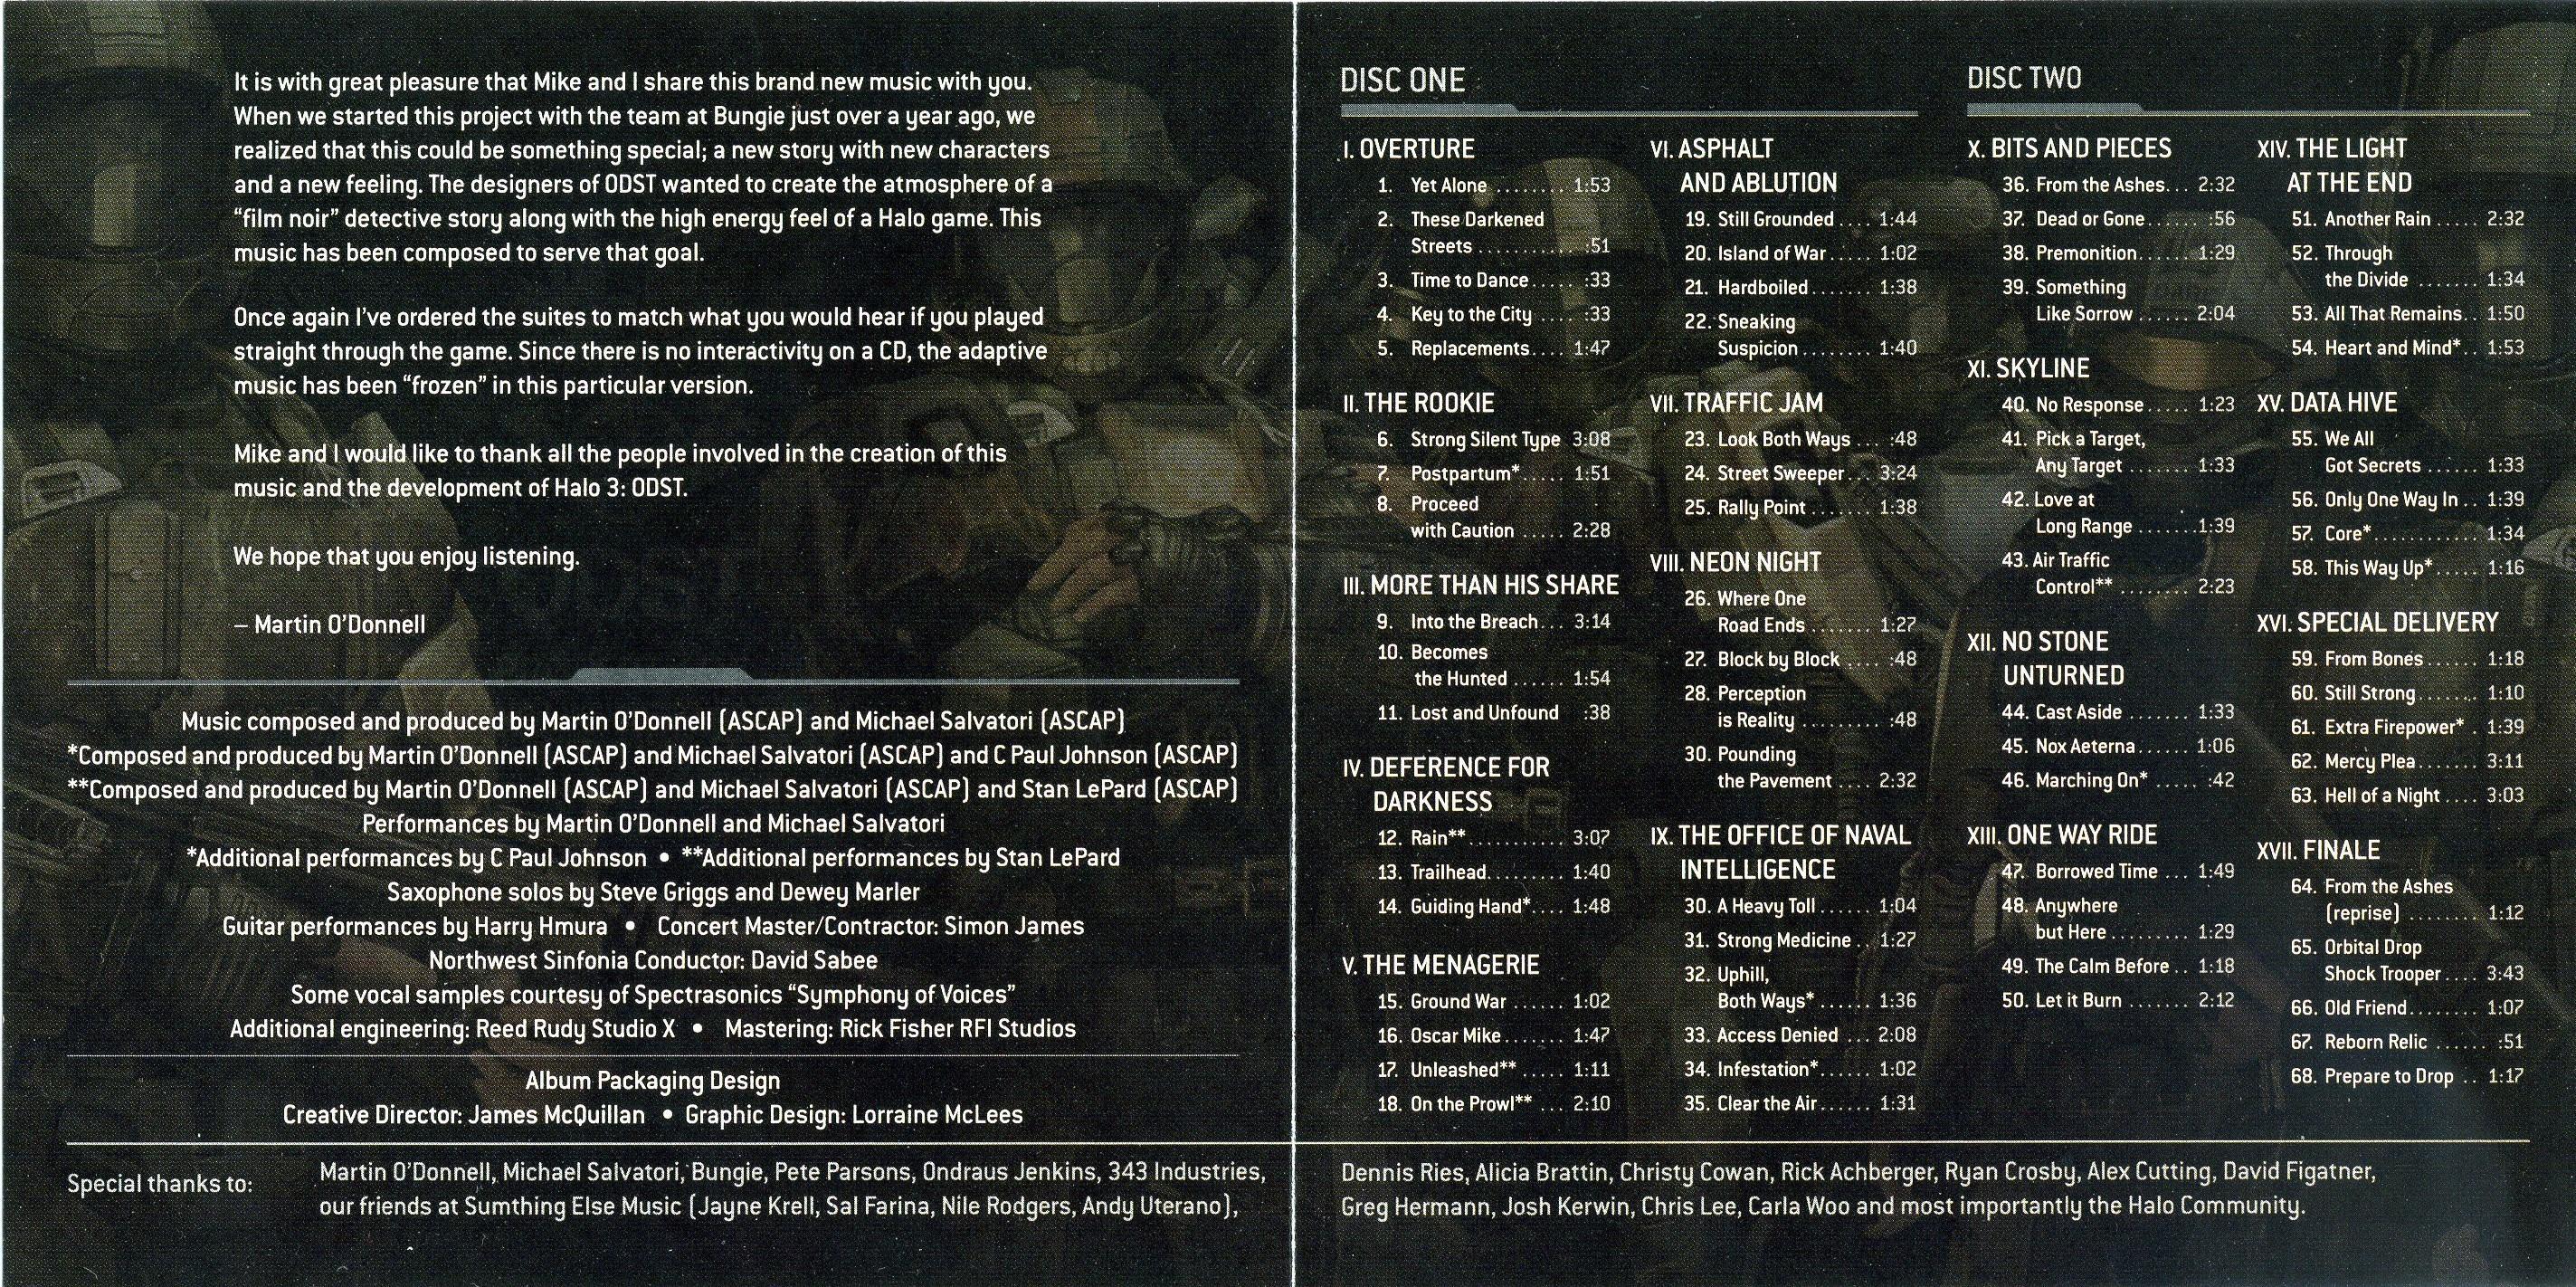 Halo 3: ODST Original Soundtrack  Soundtrack from Halo 3